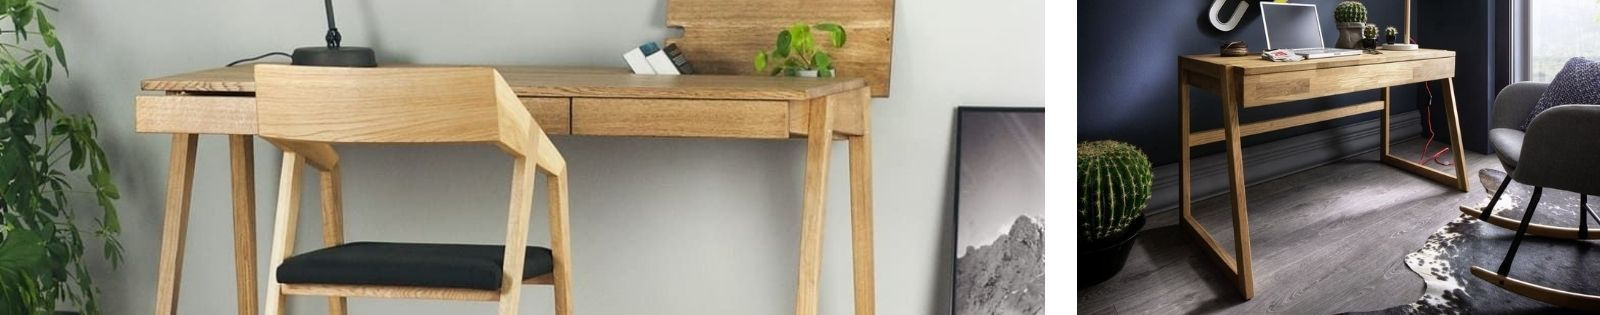 Bureau en bois massif : hévéa, teck et exotique en bambou, rotin. Meubles de qualité. Lotuséa